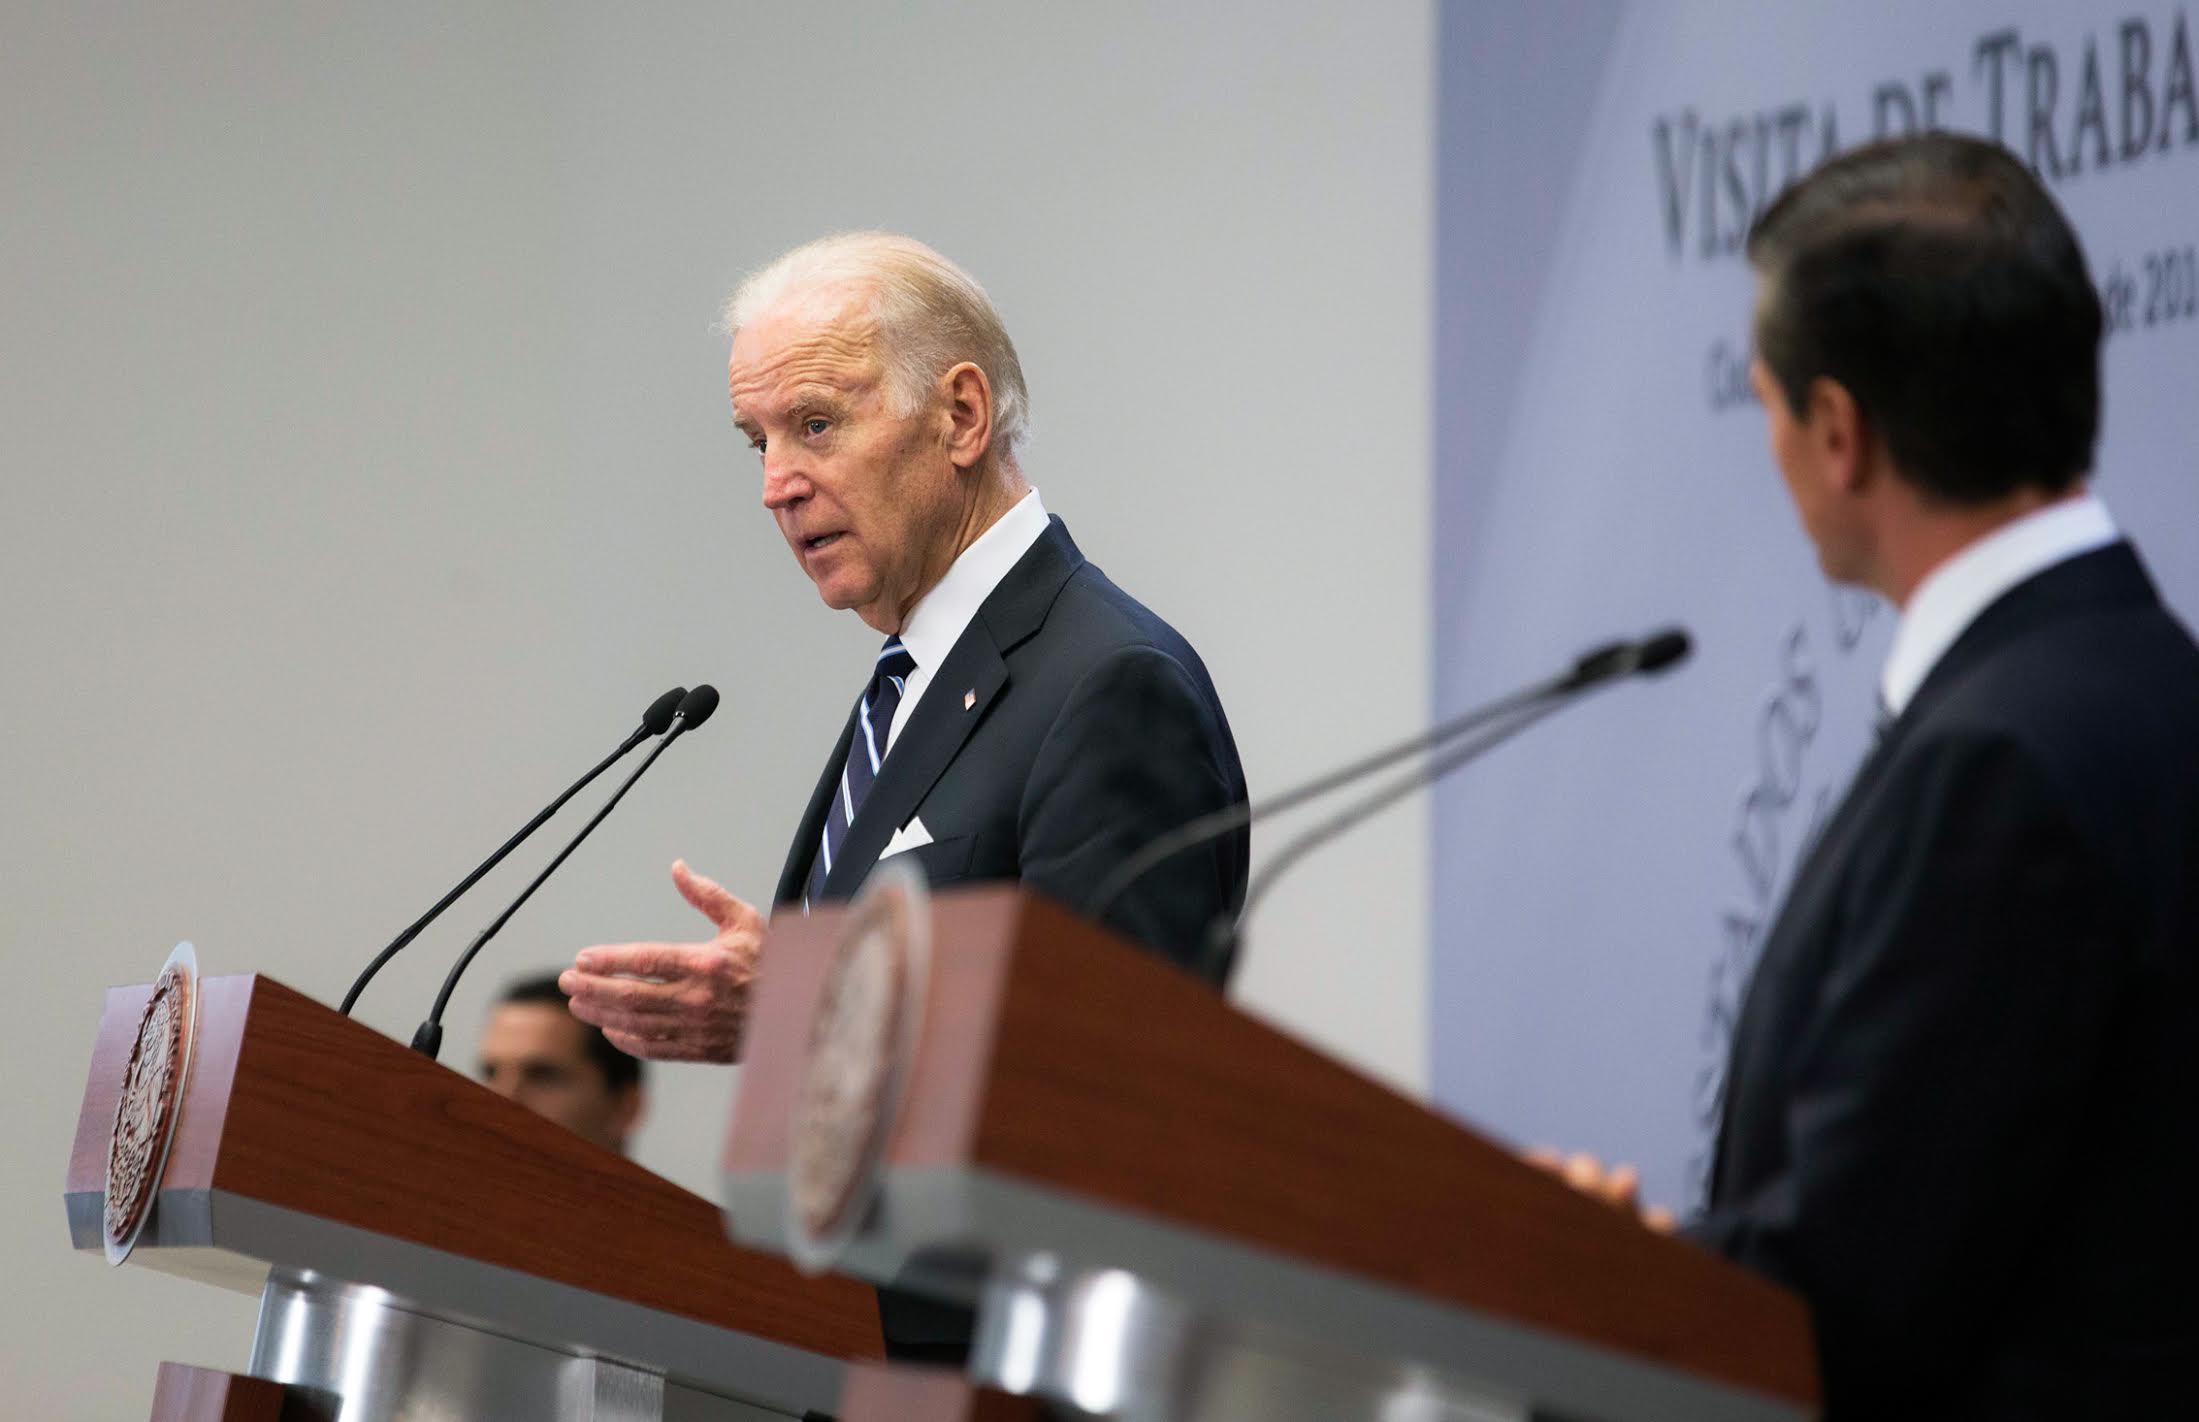 """""""Estoy aquí, en México hoy, para la Tercera Sesión de nuestro Diálogo Económico de Alto Nivel, el DEAN, para continuar integrando y haciendo crecer nuestras economías para el beneficio de nuestros ciudadanos"""", dijo el vicepresidente Joseph Biden."""